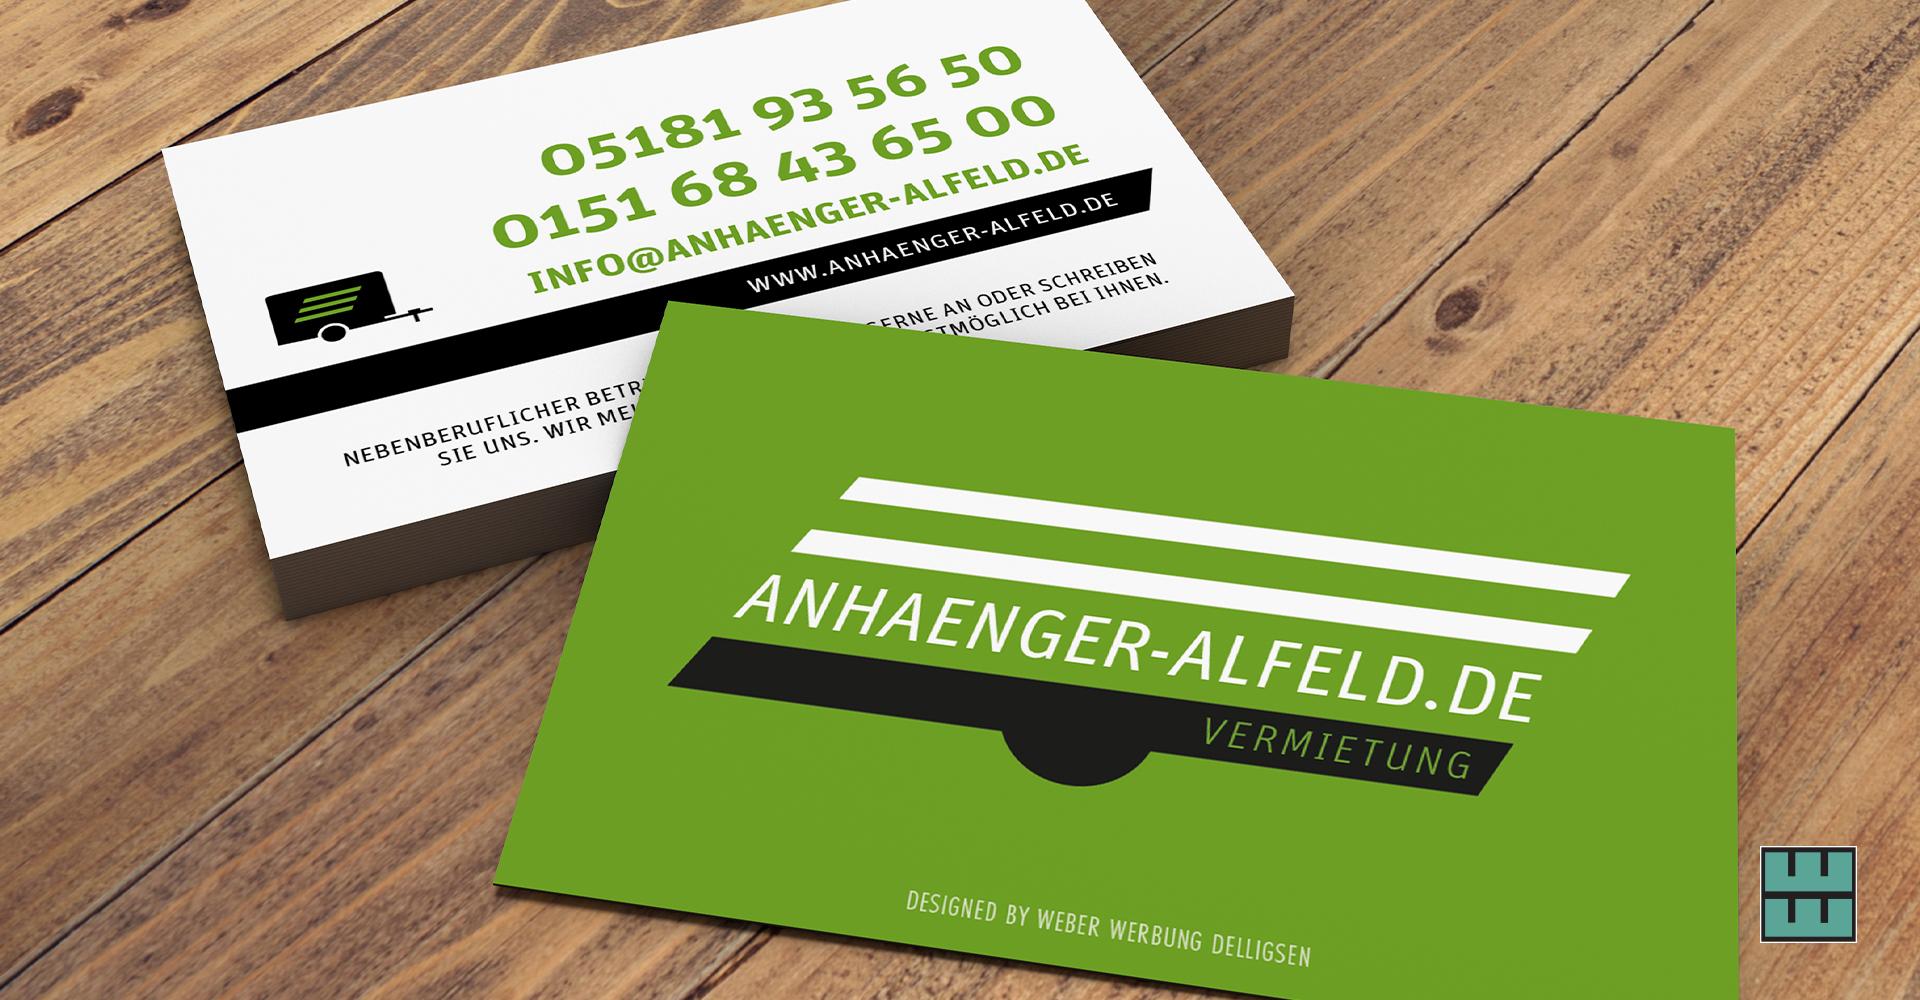 Mit unserer langjährigen Erfahrung gestalten wir Ihre Wunsch-Visitenkarten nicht nur; Sie erhalten sie fix und fertig zur Weitergabe an Ihre potentiellen Kunden!